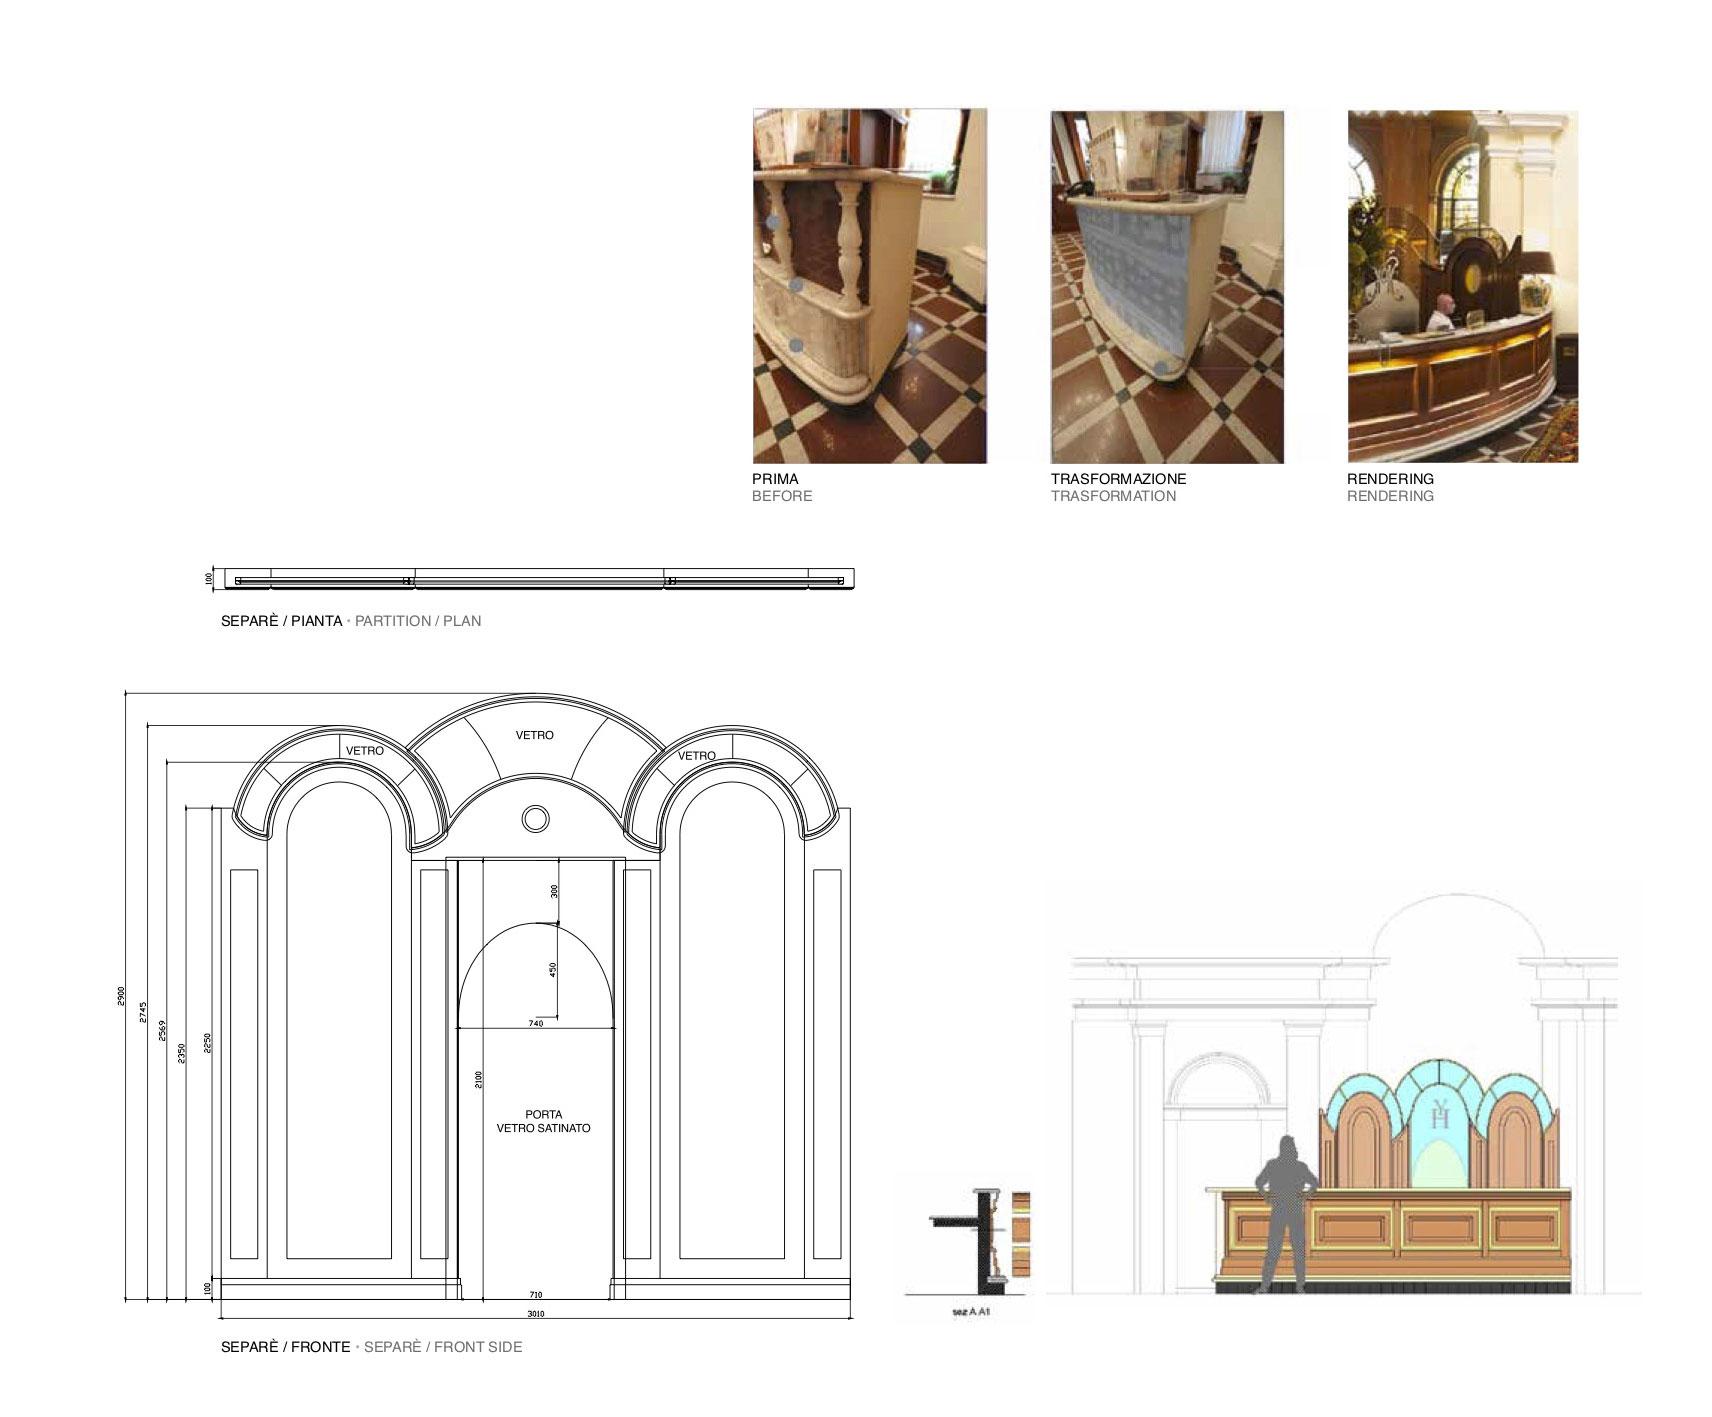 Progetti d'elite 2 - Gallery Left 2